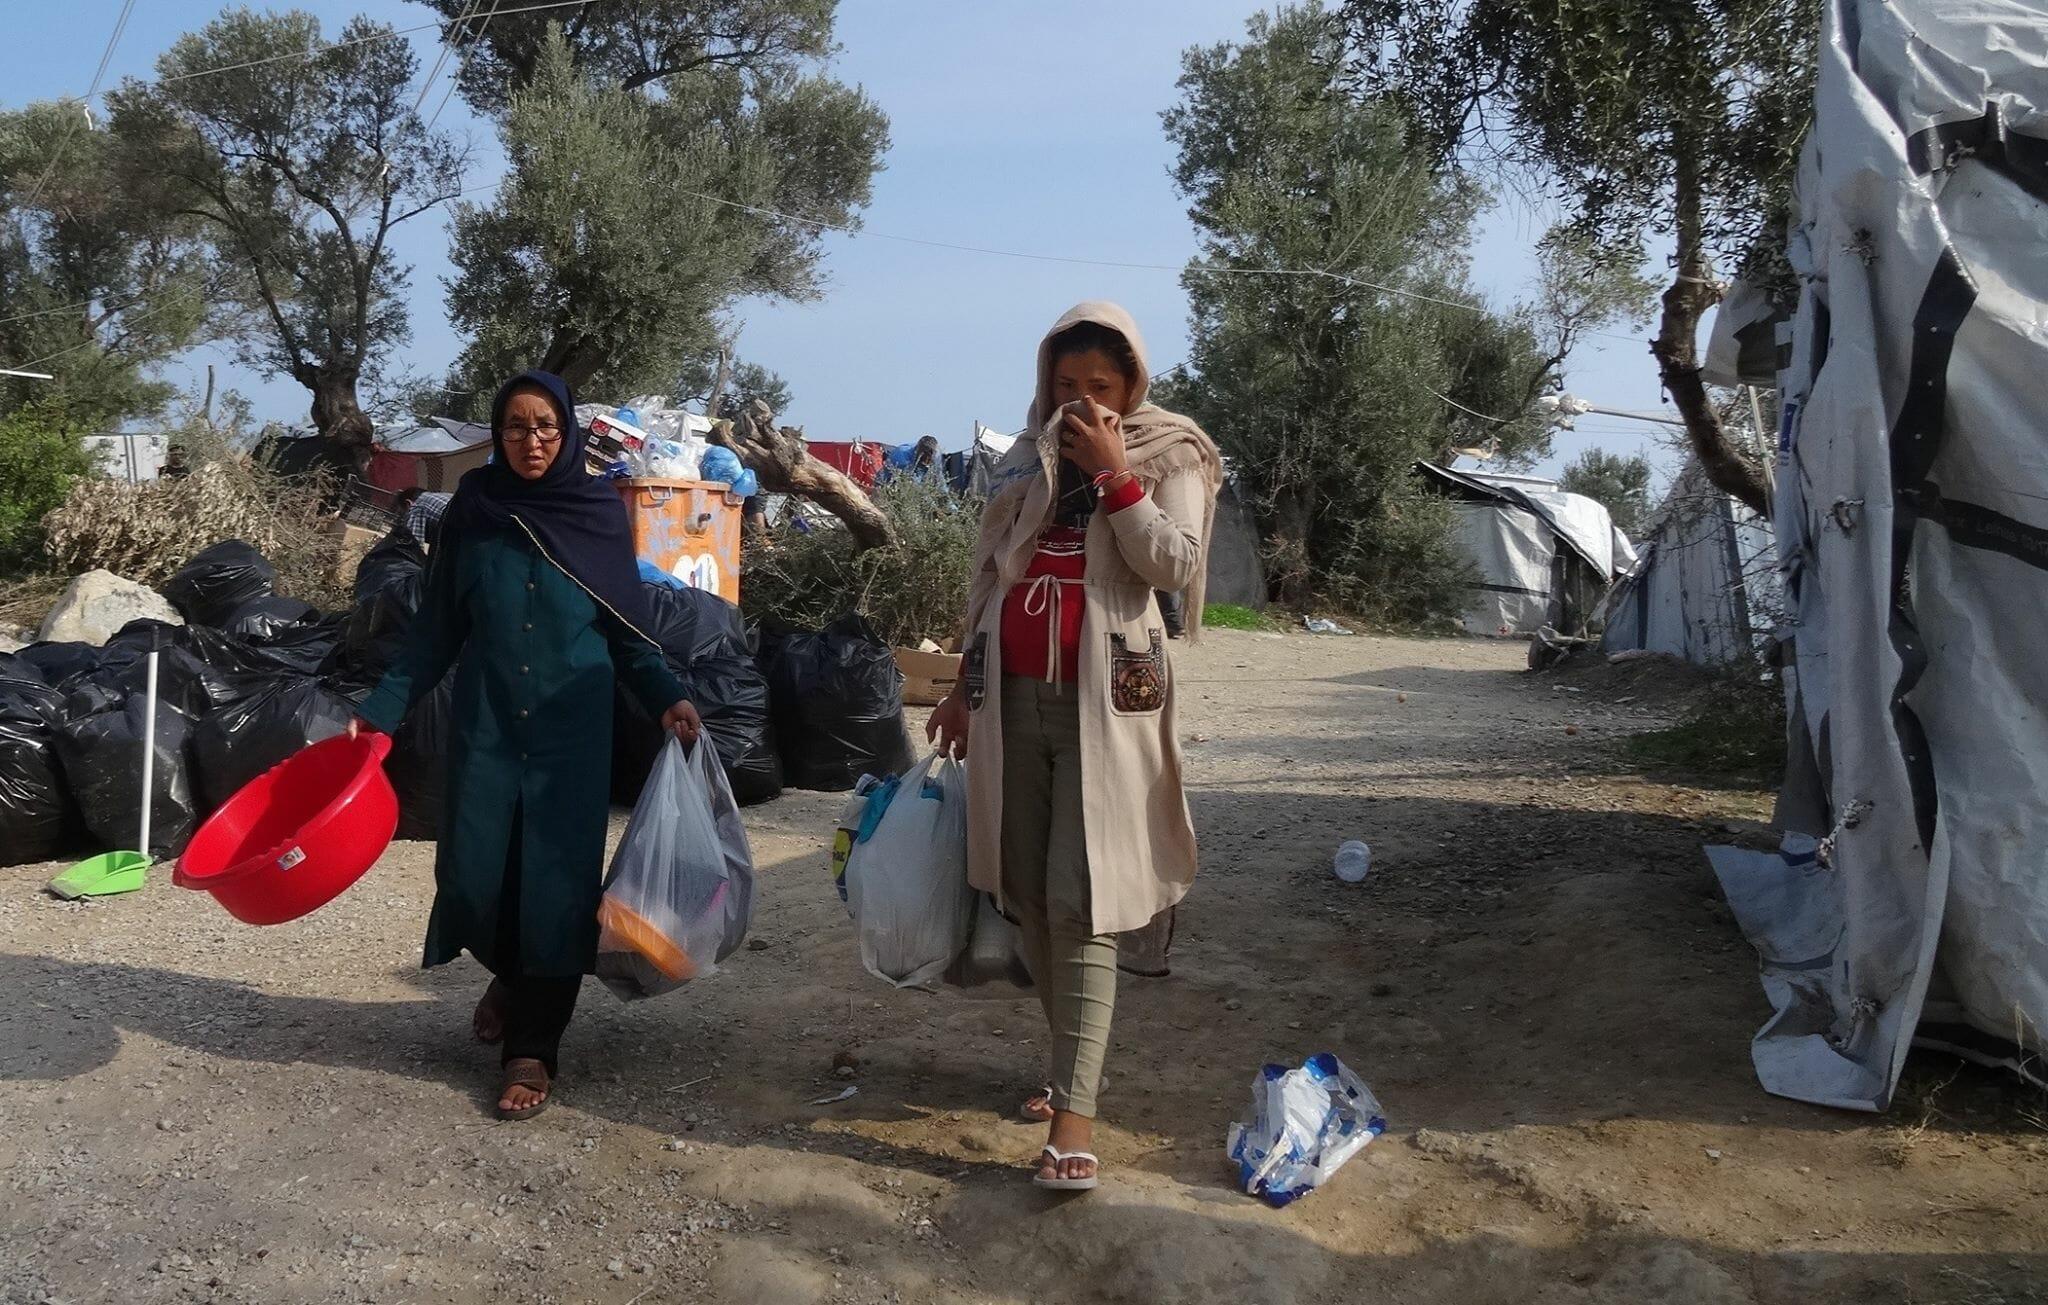 Der Flüchtlingsdeal mit der Türkei zerbröselt vor den Augen der EU